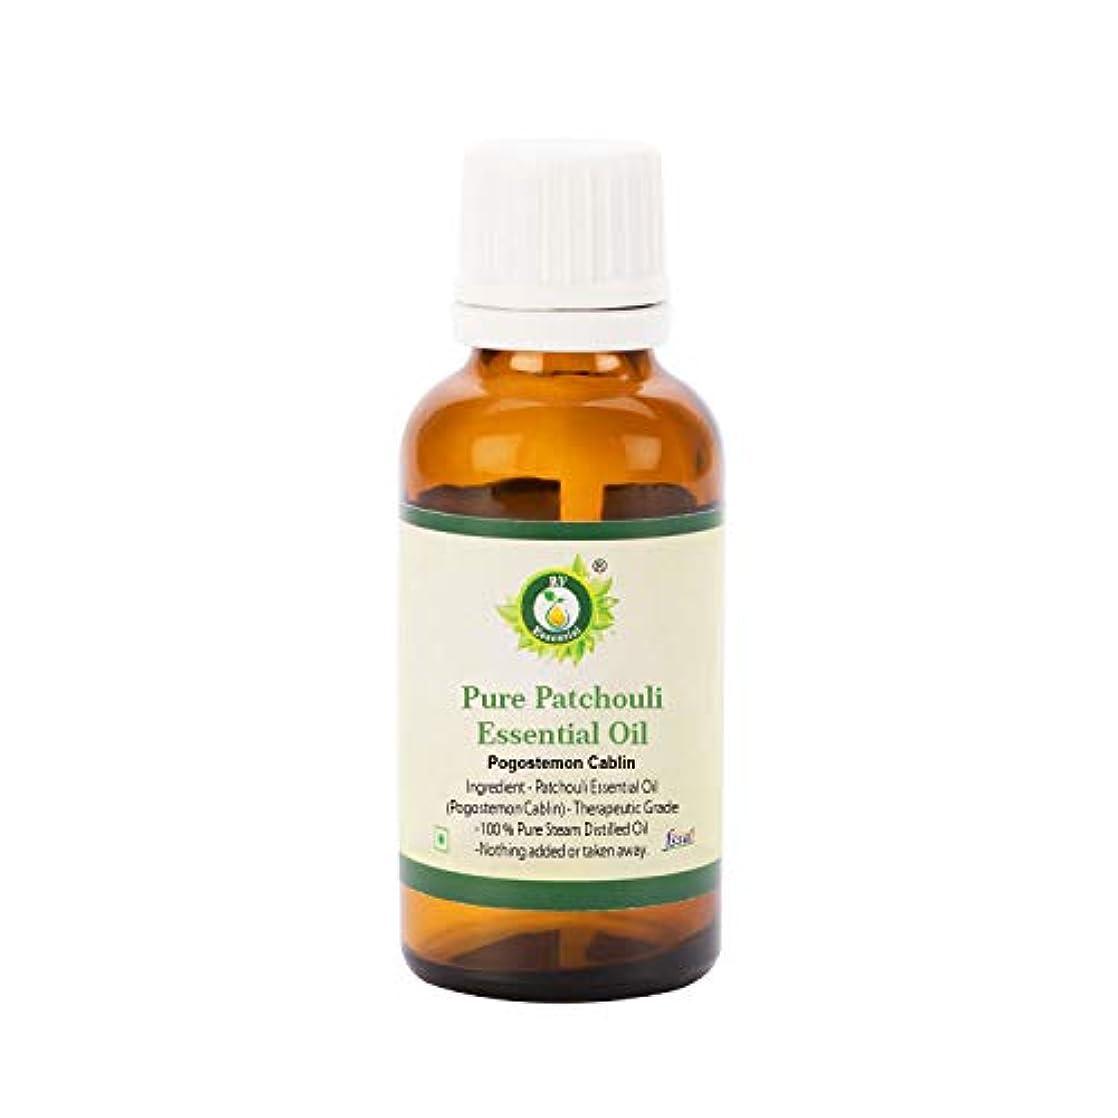 不運病弱祝福R V Essential ピュアパチュリーエッセンシャルオイル30ml (1.01oz)- Pogostemon Cablin (100%純粋&天然スチームDistilled) Pure Patchouli Essential...